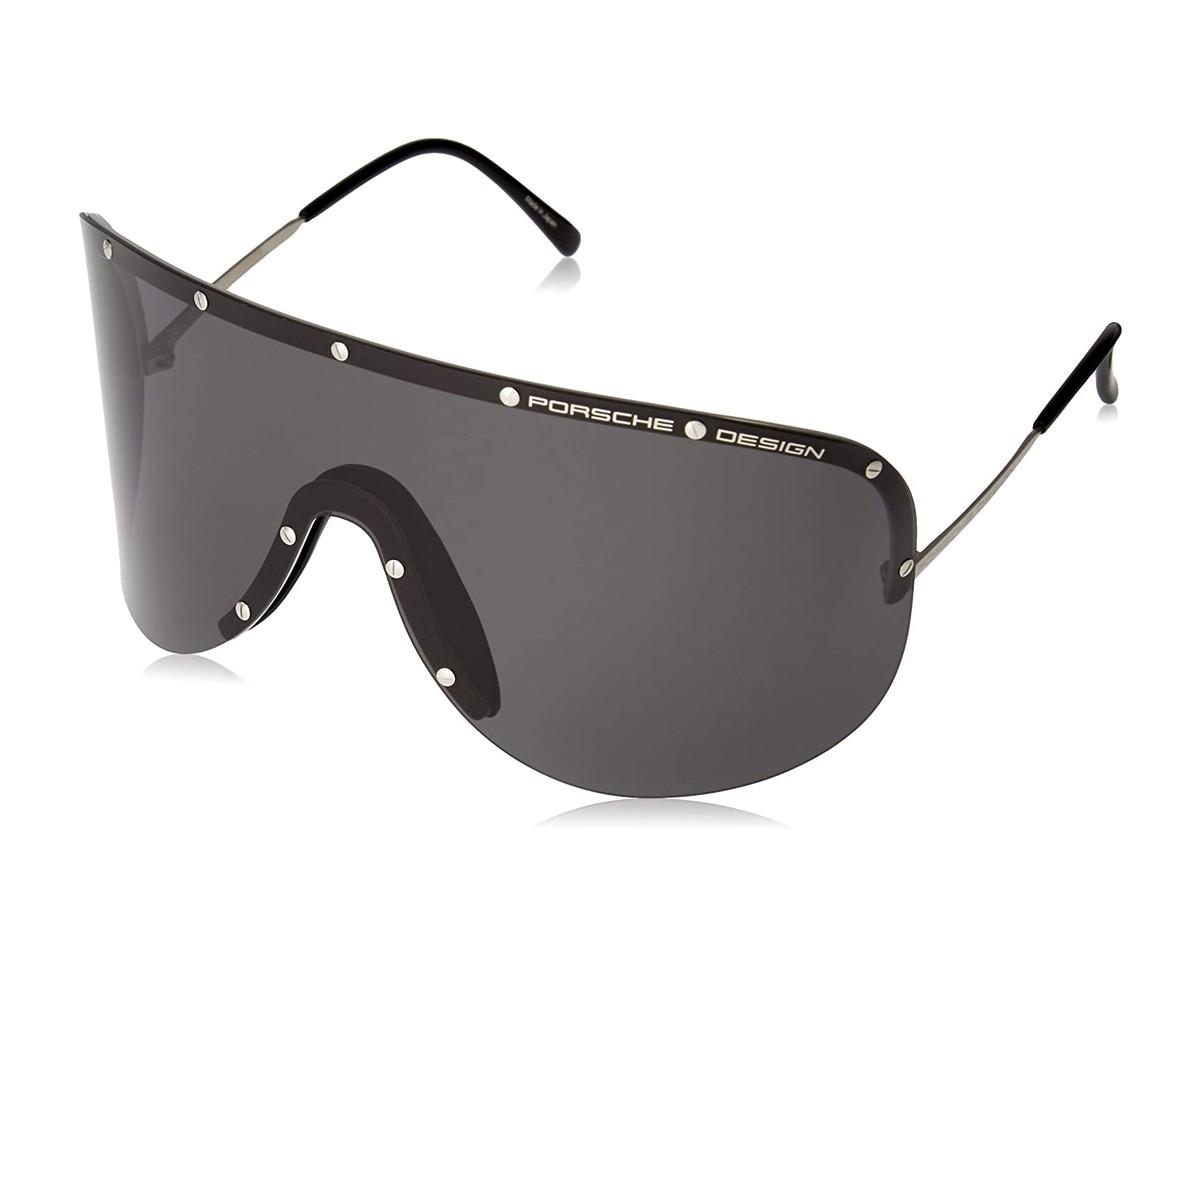 Porsche Design P8479   Unisex sunglasses